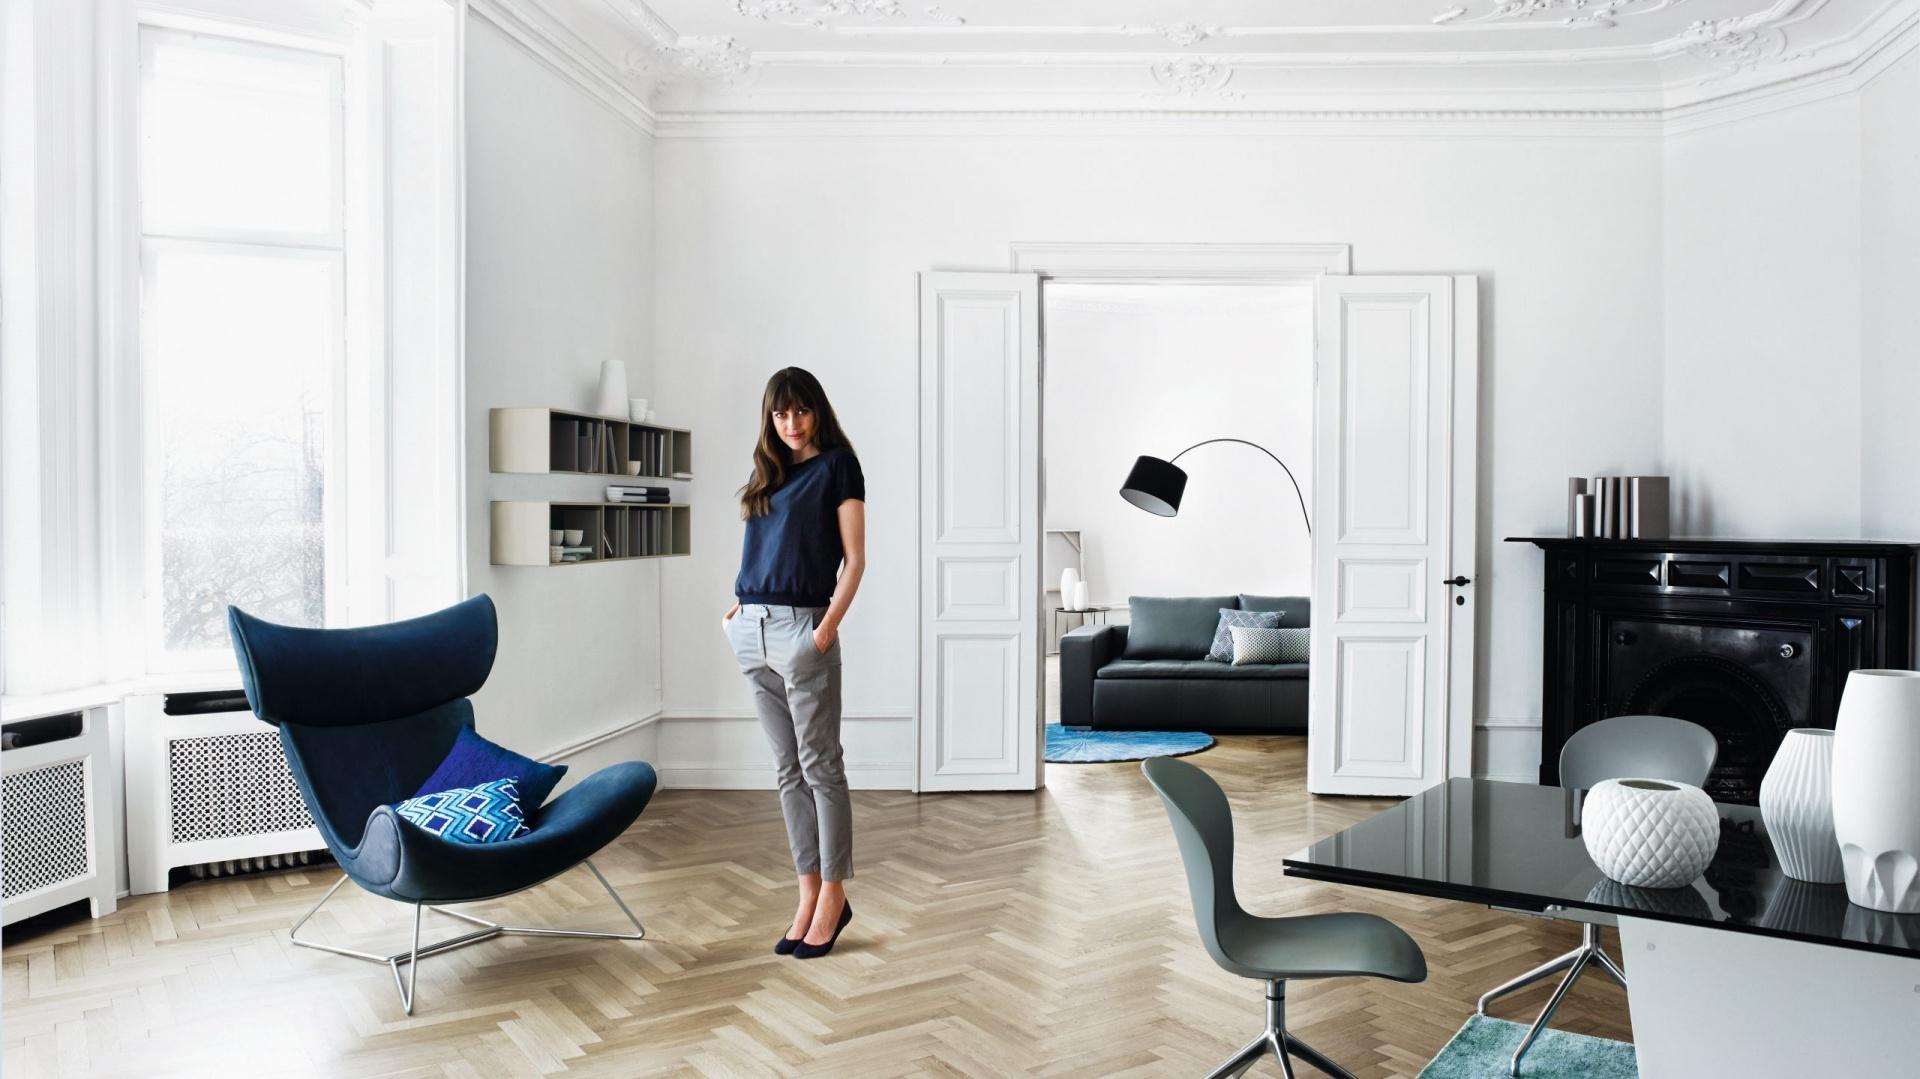 Kultowy fotel IMOLA dostępny w tkaninach i skórach; także w kolorze niebieskim. Od 5. 559 zł. Fot. BoConcept